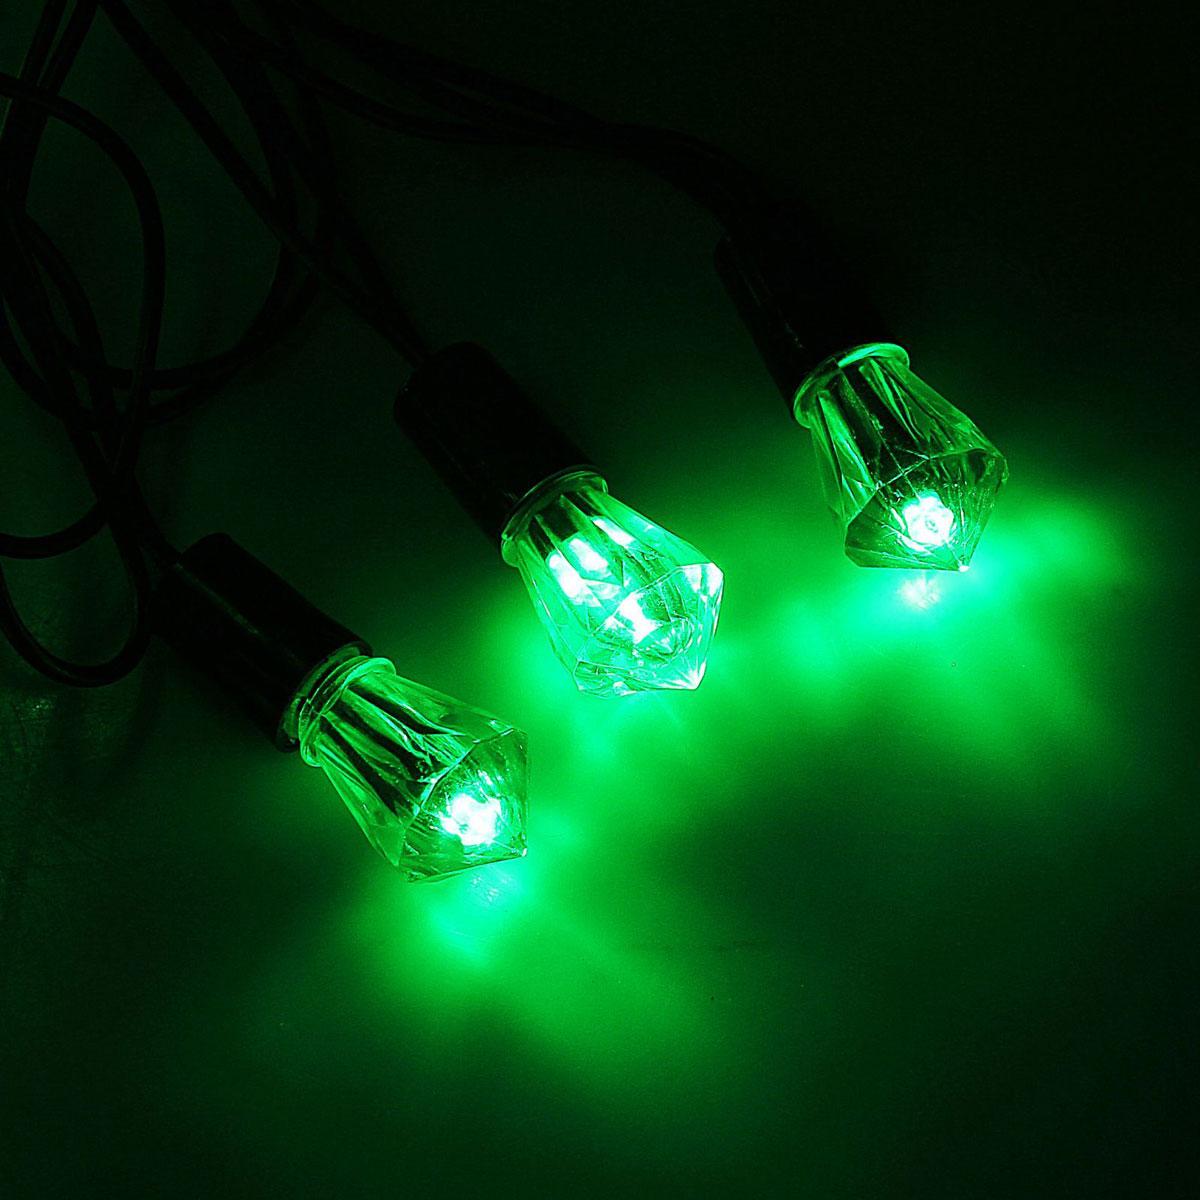 Гирлянда светодиодная Luazon Метраж. Хрусталь, уличная с насадкой, фиксинг, 40 ламп, 220 V, 5 м, цвет: зеленый. 1080066500-031Светодиодные гирлянды, ленты и т.д. — это отличный вариант для новогоднего оформления интерьера или фасада. С их помощью помещение любого размера можно превратить в праздничный зал, а внешние элементы зданий, украшенные ими, мгновенно станут напоминать очертания сказочного дворца. Такие украшения создают ауру предвкушения чуда. Деревья, фасады, витрины, окна и арки будто специально созданы, чтобы вы украсили их светящимися нитями.